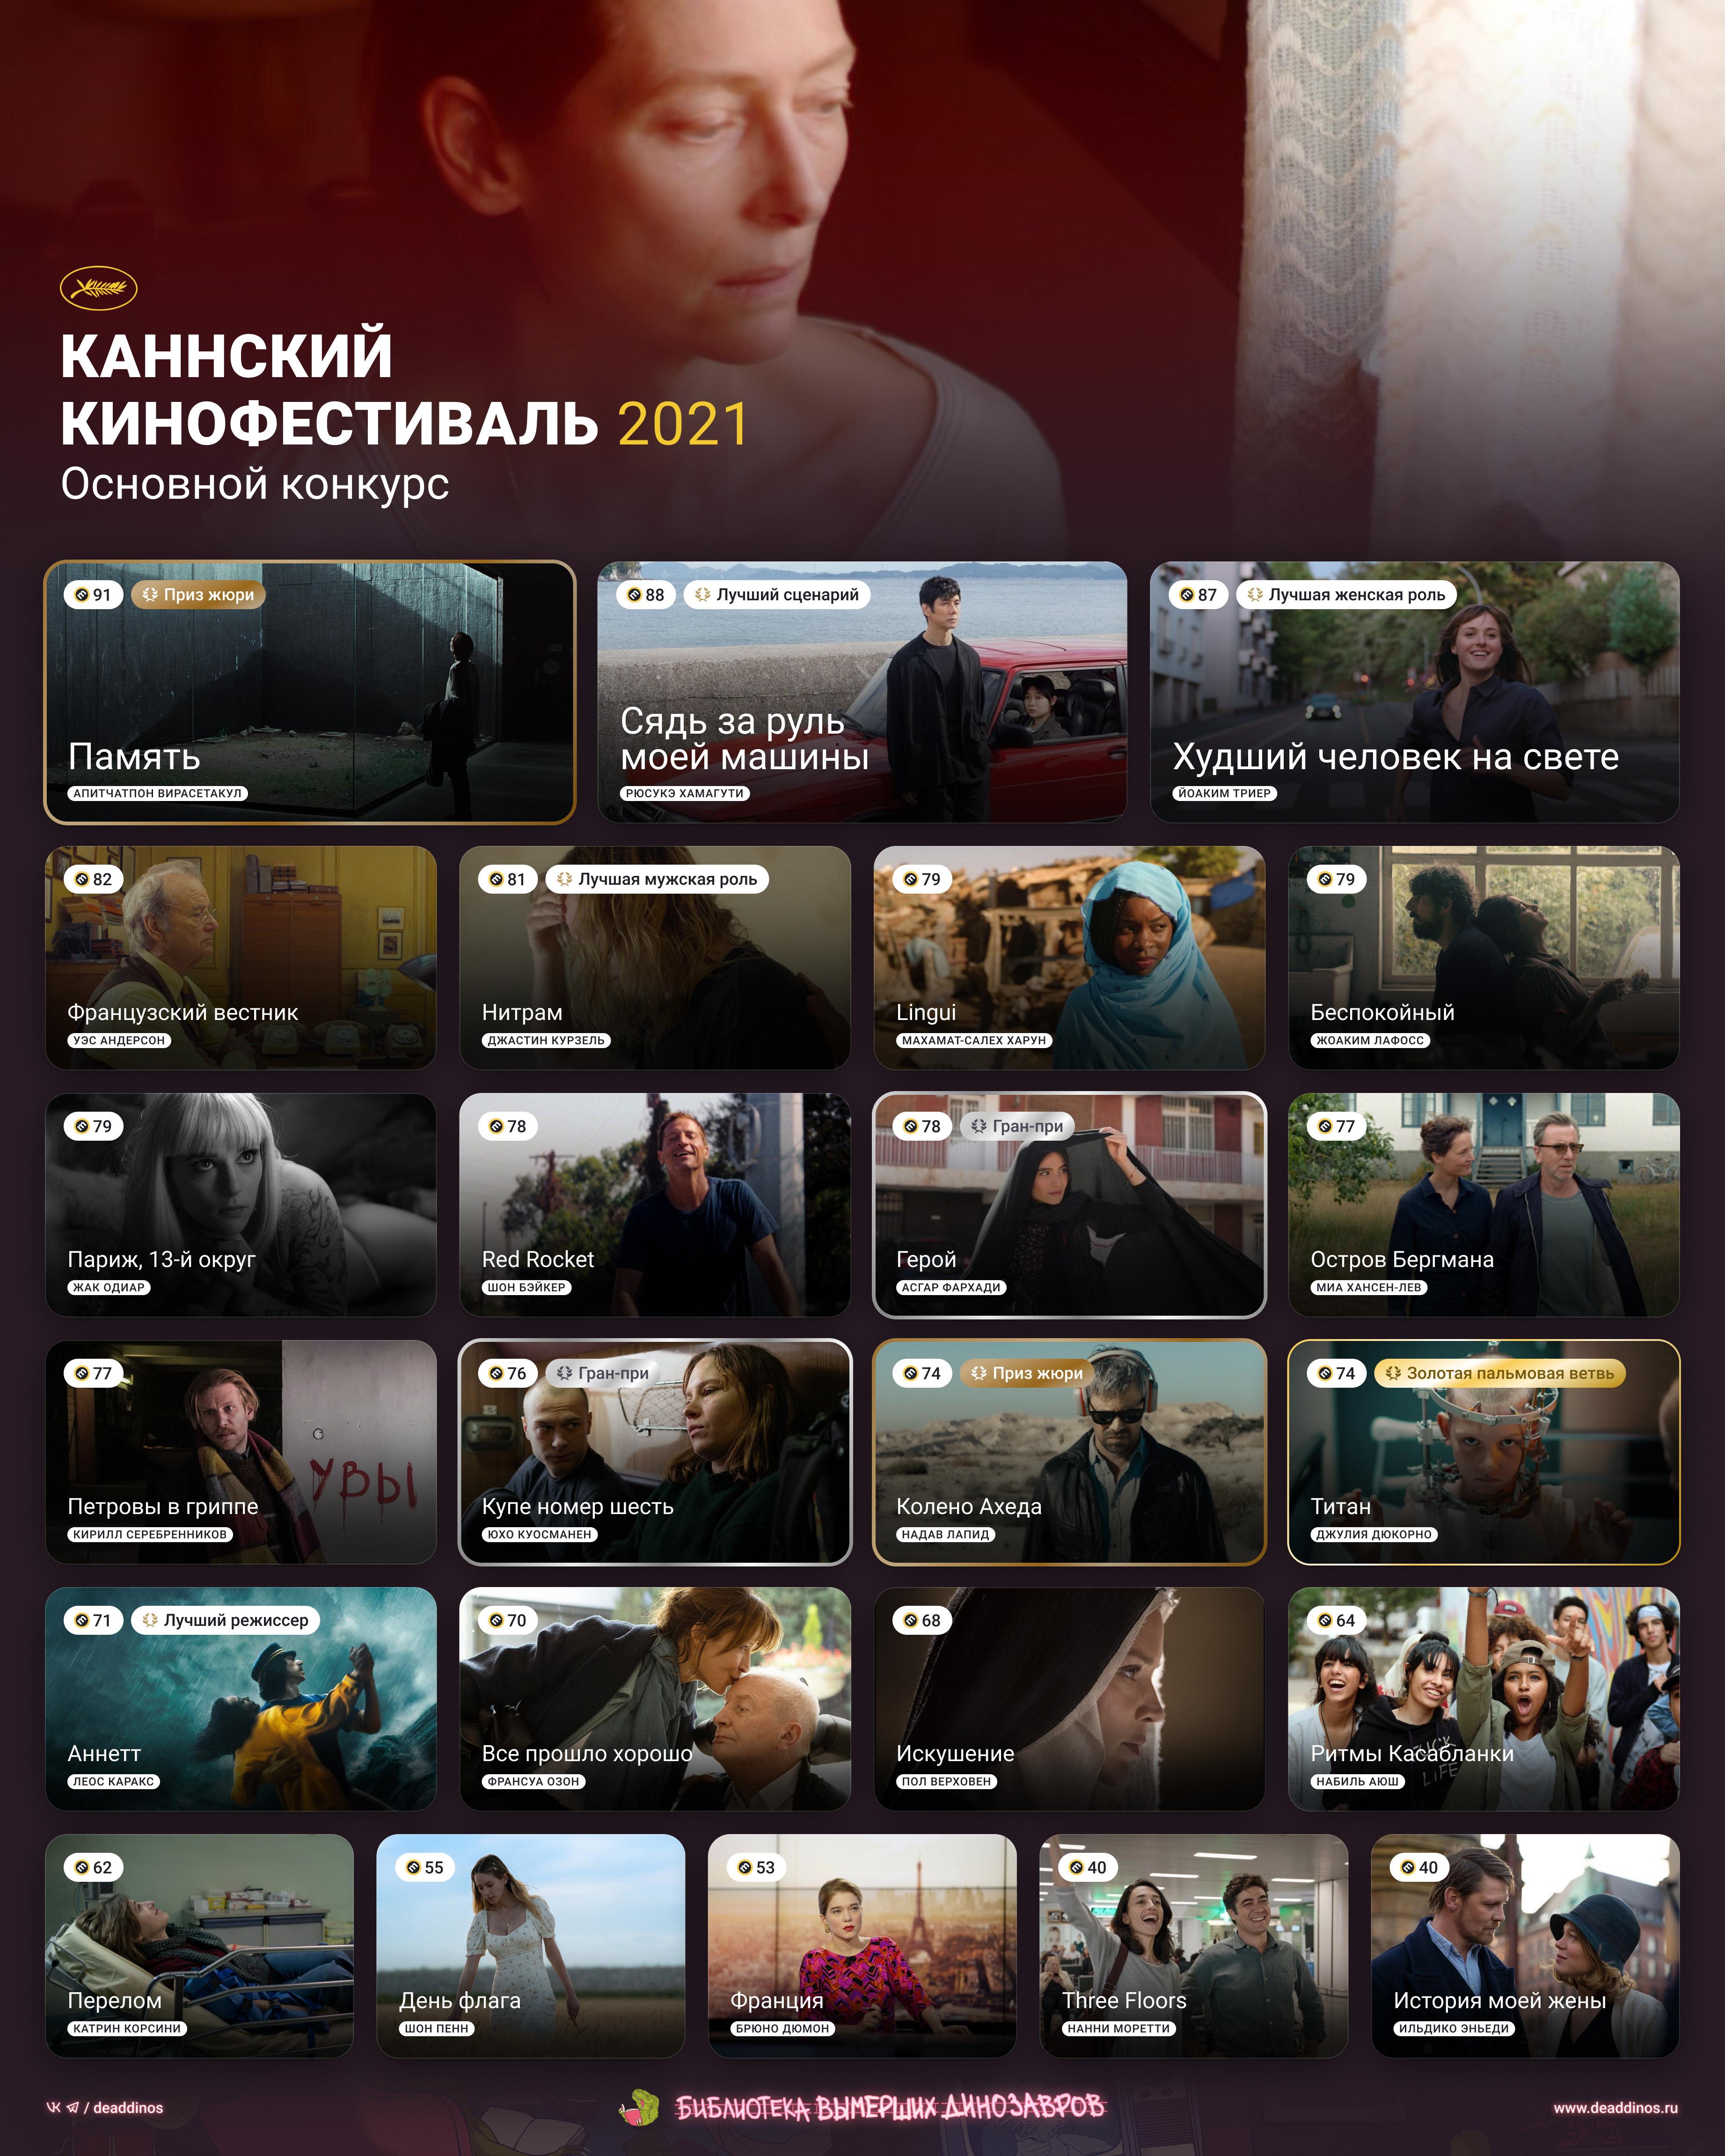 Каннский кинофестиваль 2021. Deaddinos - изображение 1